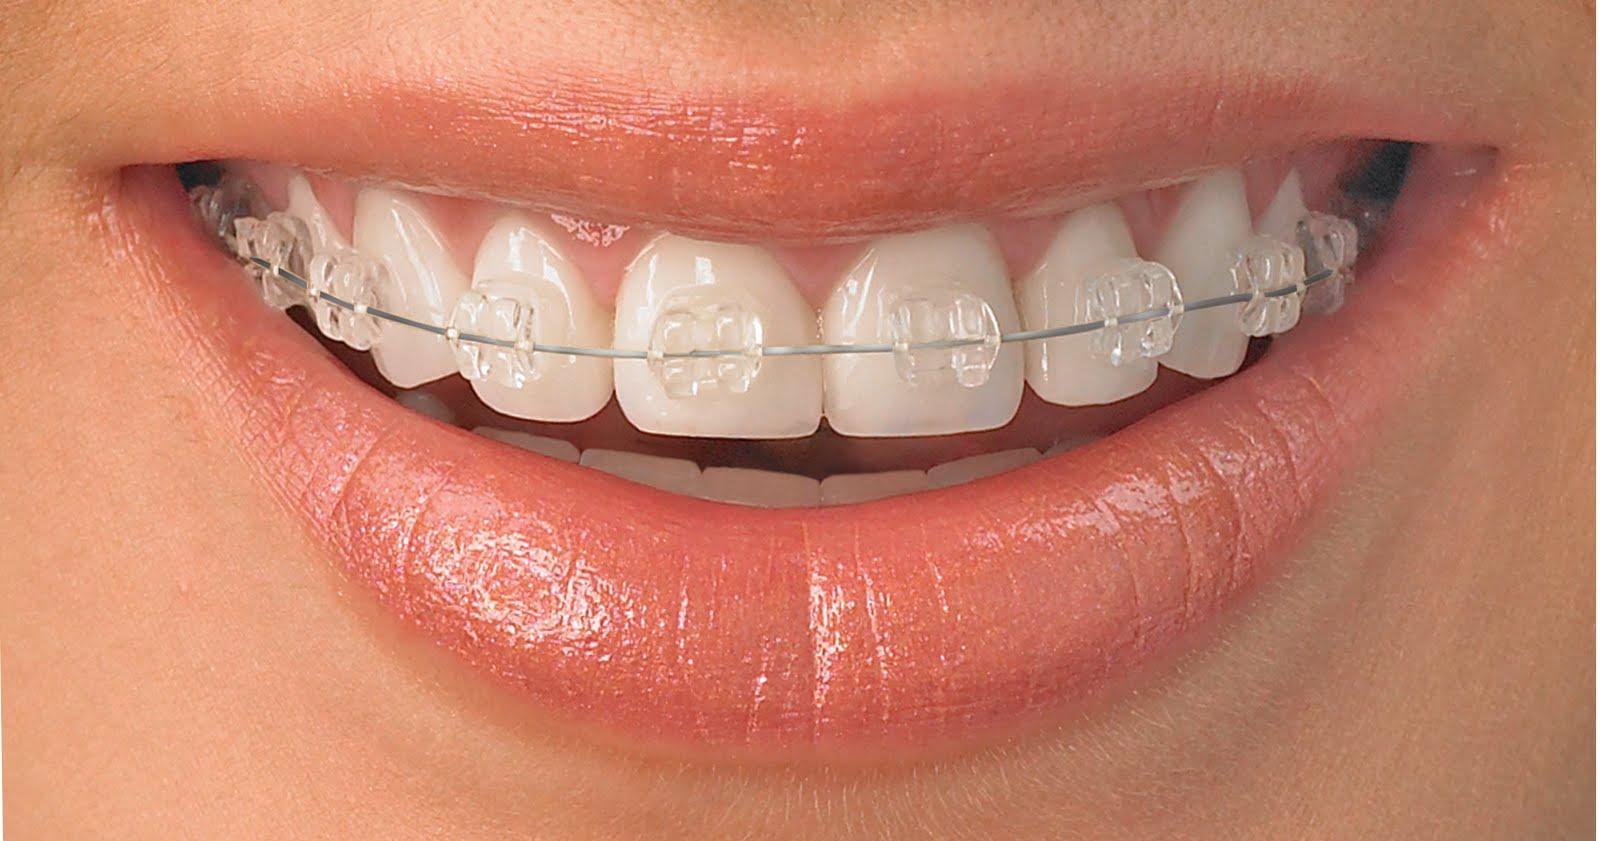 https://dentalspa.com.ua/wp-content/uploads/2017/12/Ortodontiya.jpg